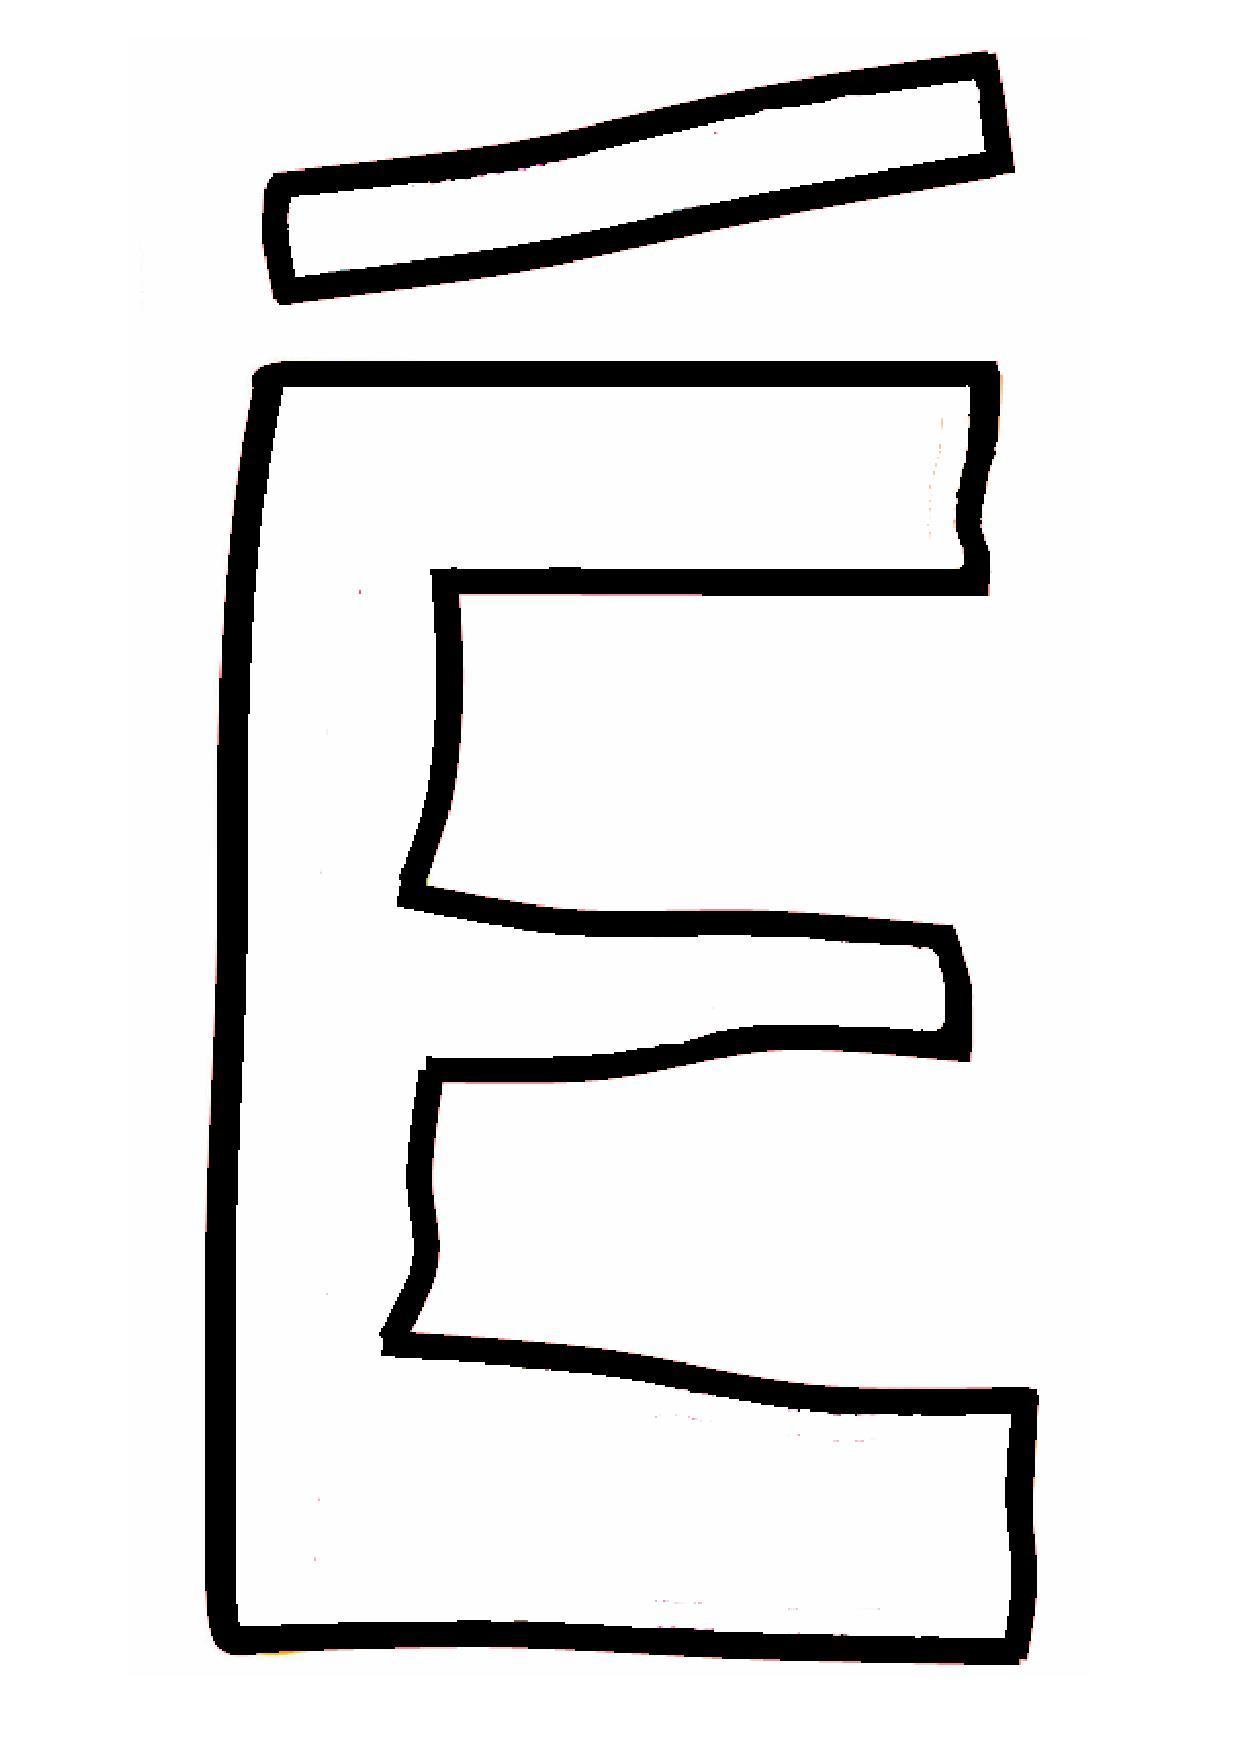 Dessins En Couleurs À Imprimer : Lettre E, Numéro : 588338 intérieur Dessin Lettre E